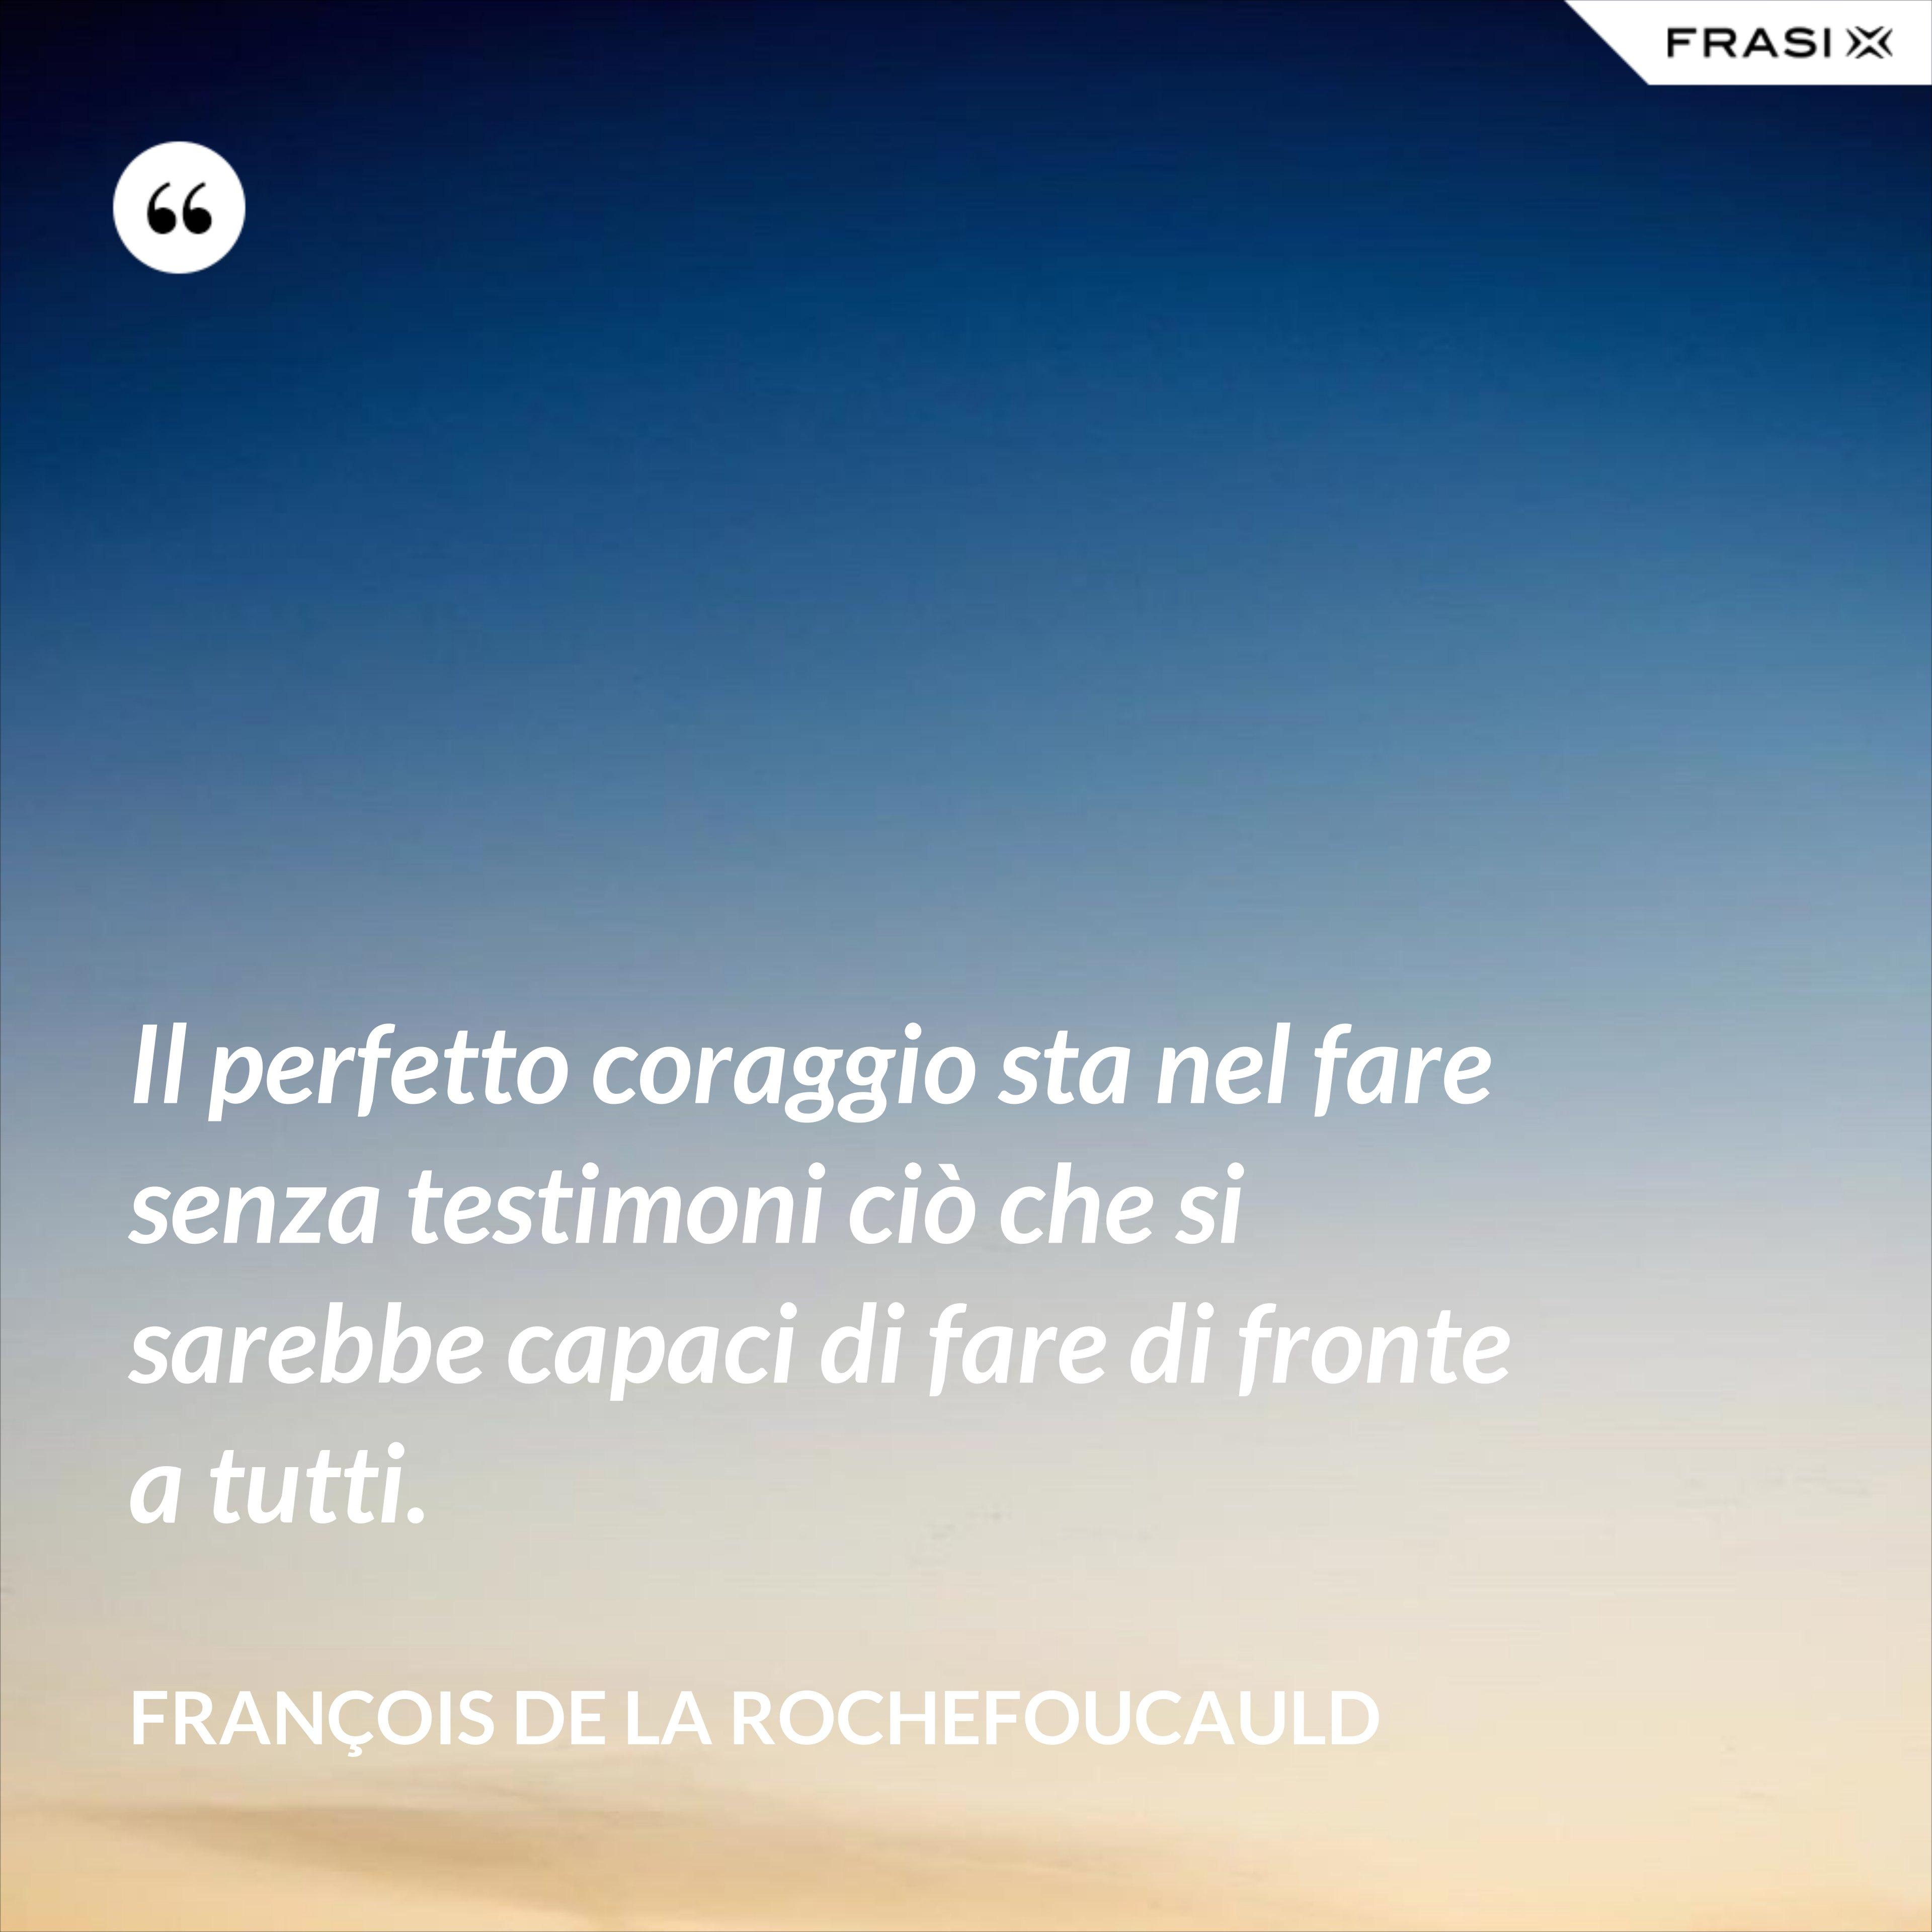 Il perfetto coraggio sta nel fare senza testimoni ciò che si sarebbe capaci di fare di fronte a tutti. - François de La Rochefoucauld